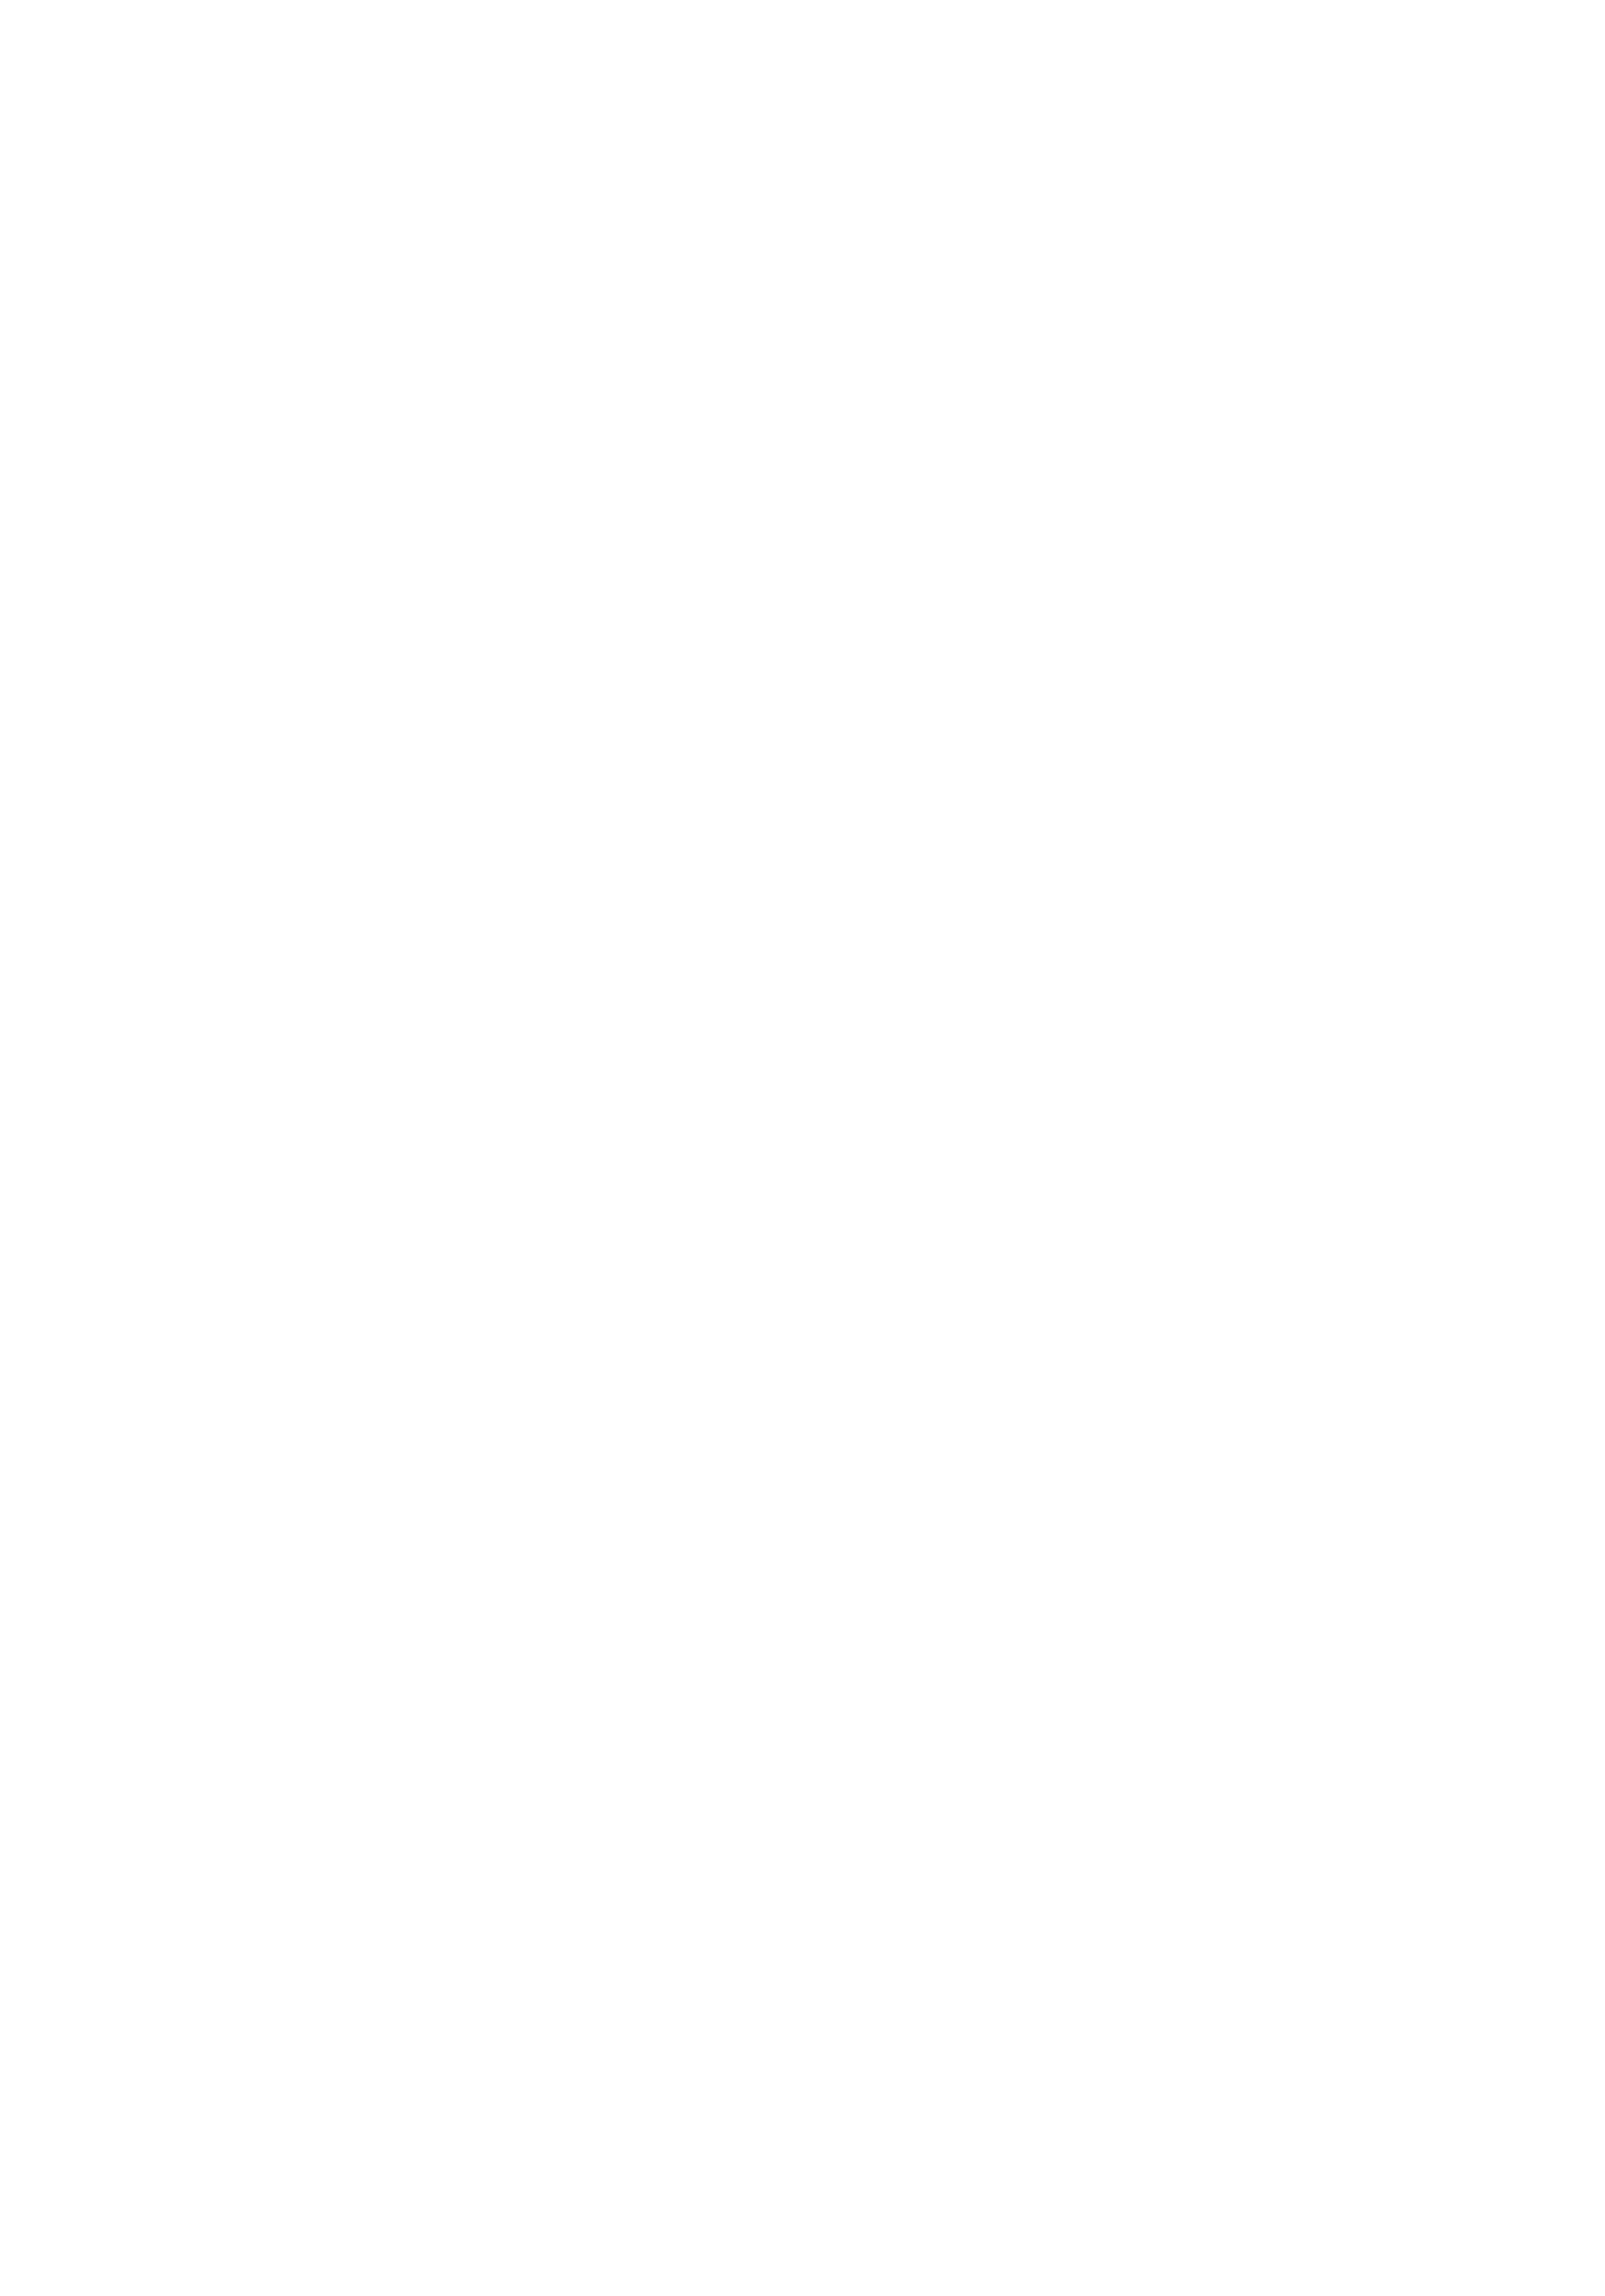 punisher skull 3d wallpaper